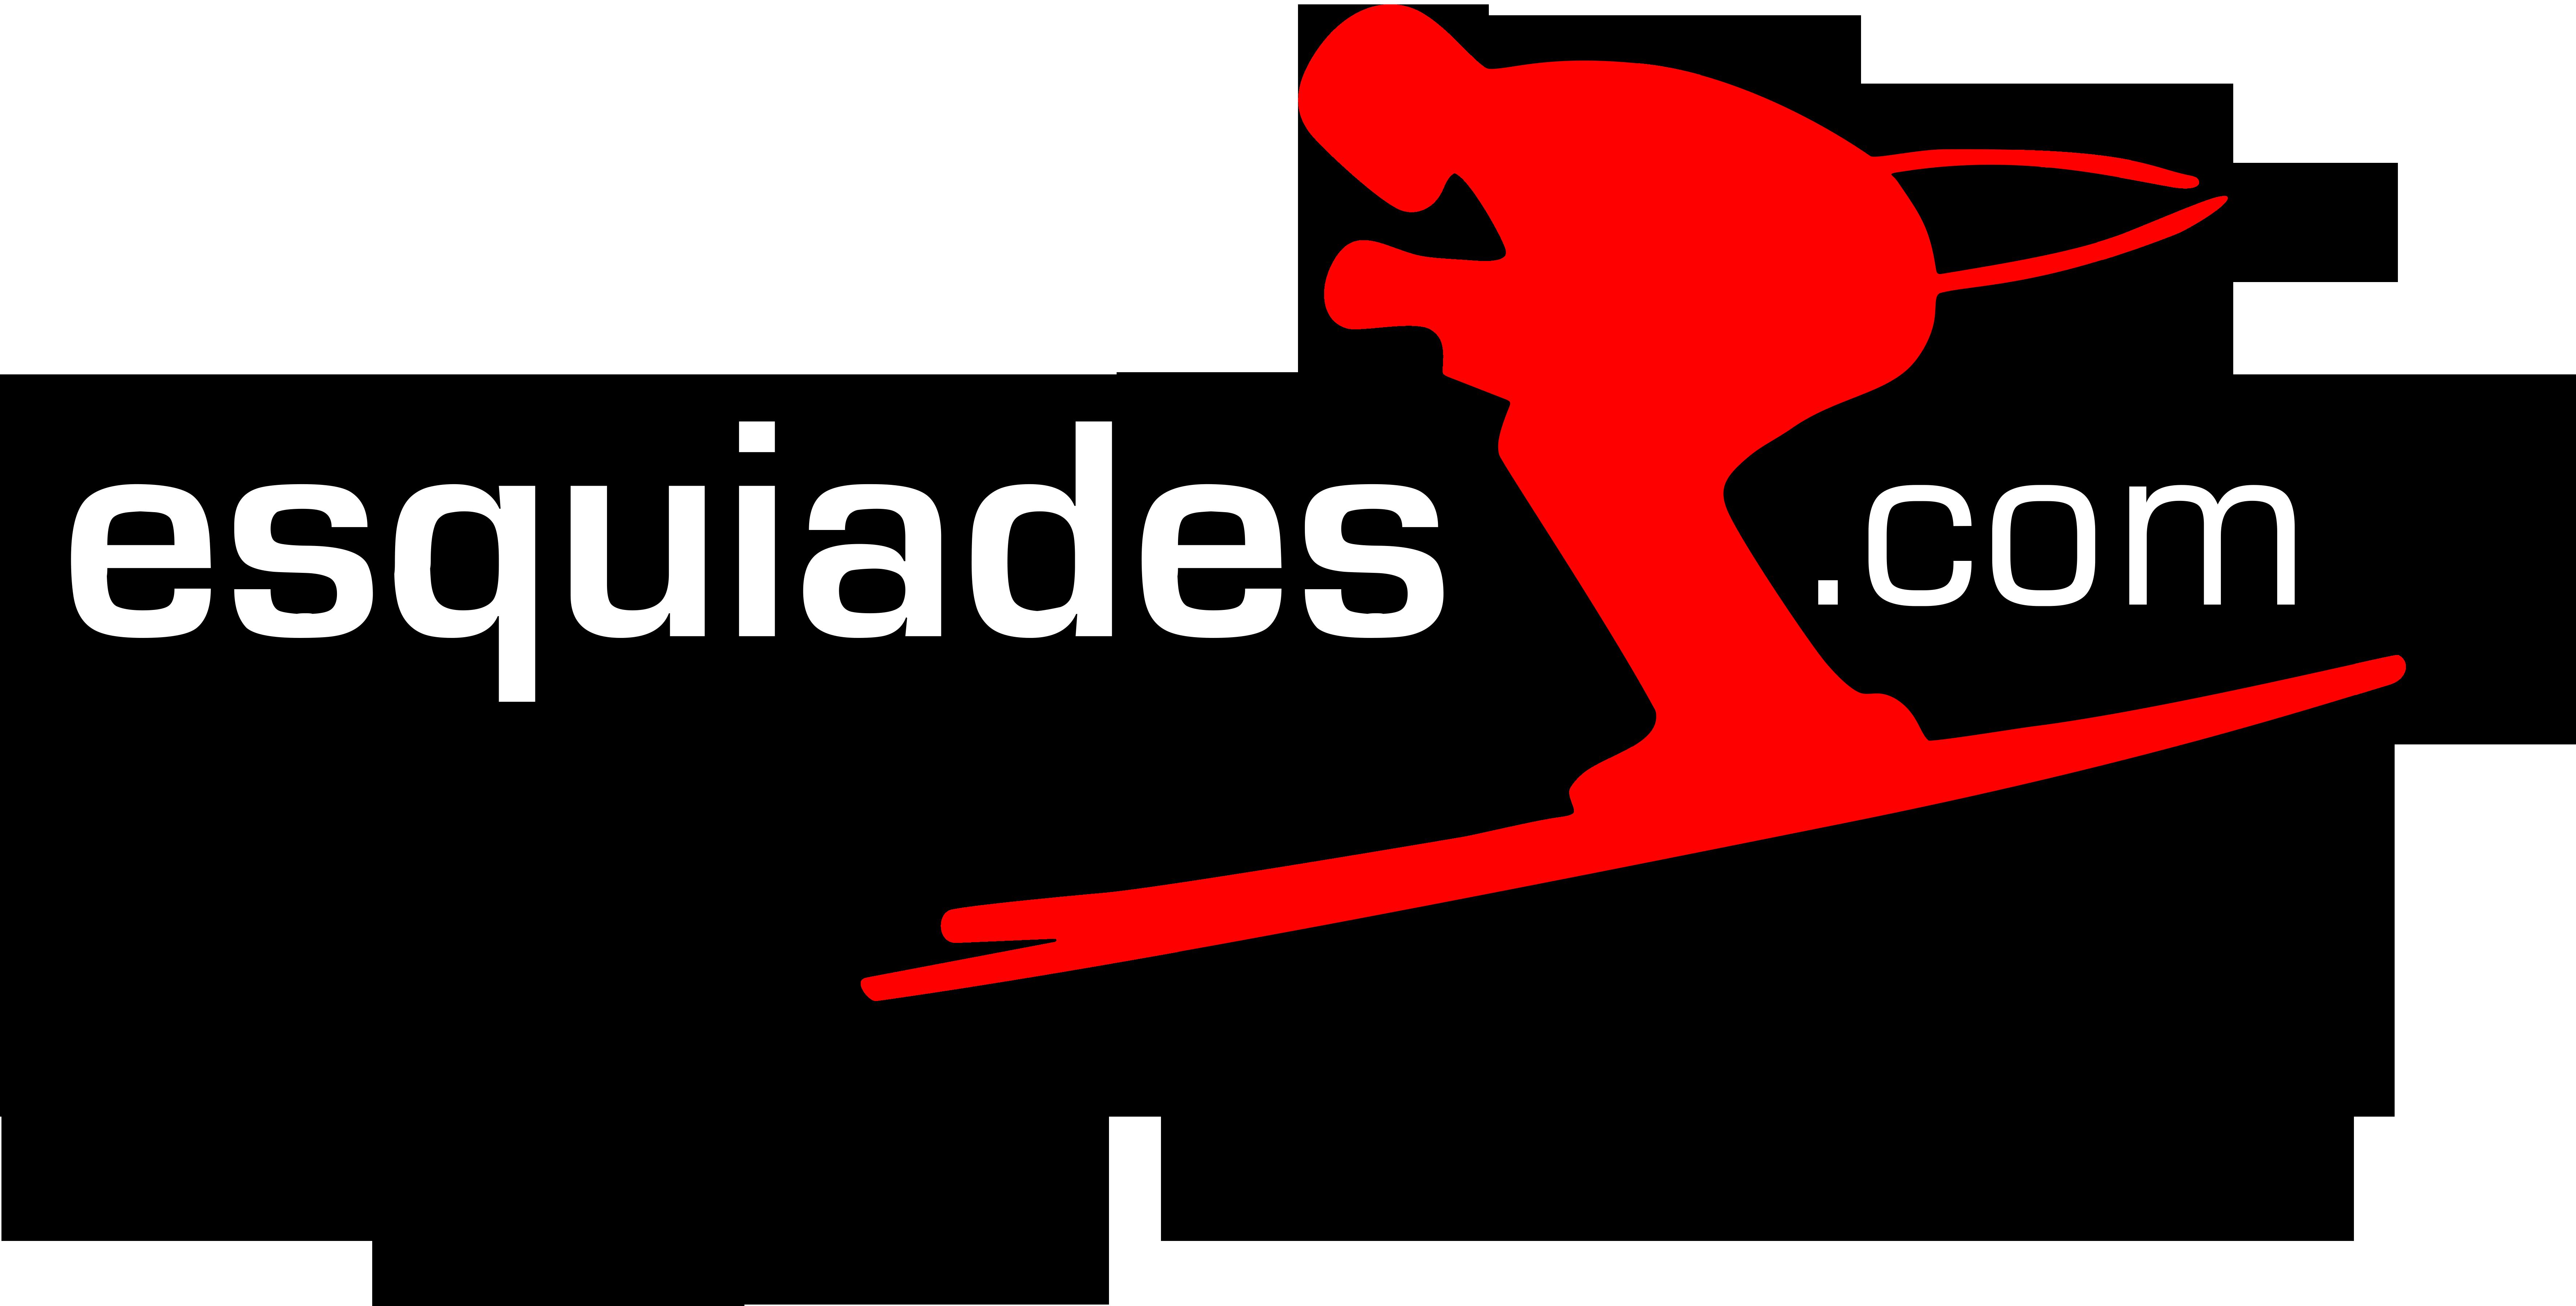 Esquiades.com